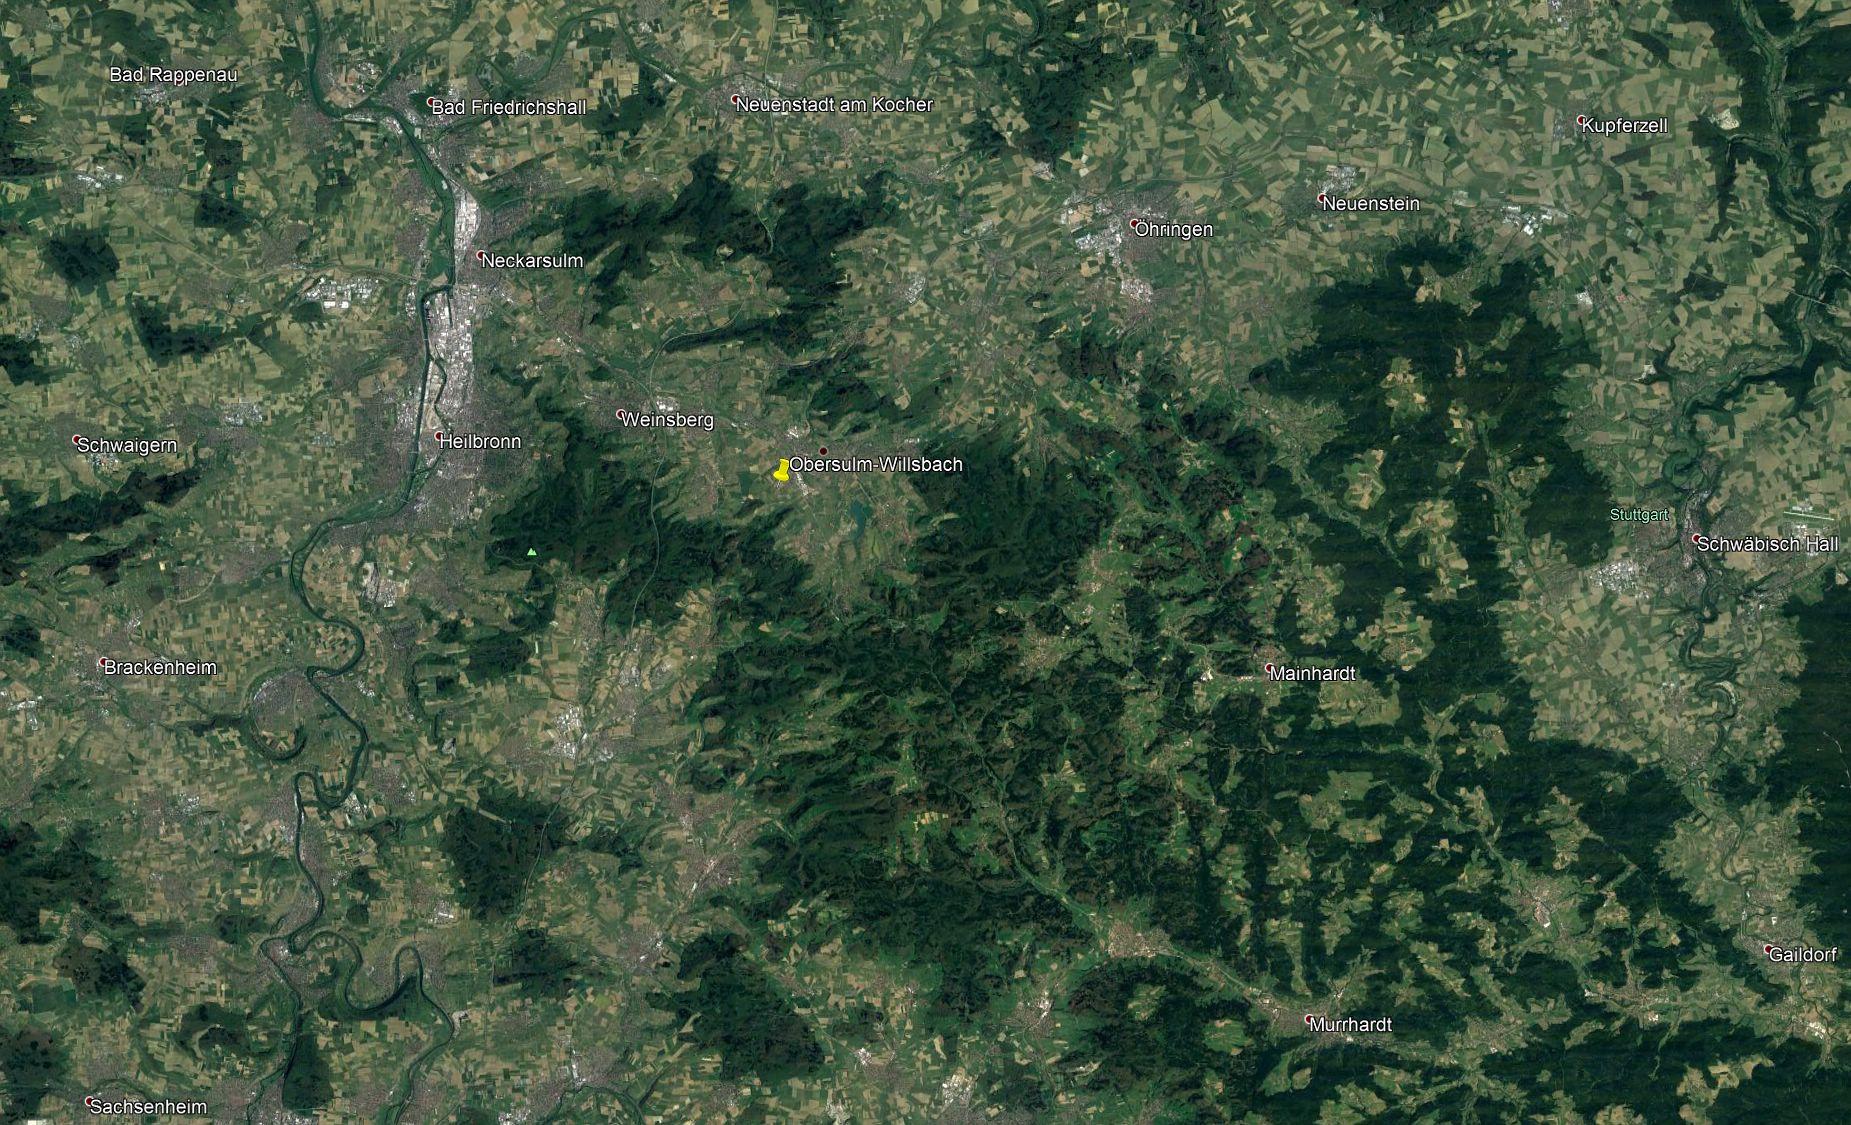 http://www.wetterstation-leutenbach.de/Bilder/willsbach1.jpg